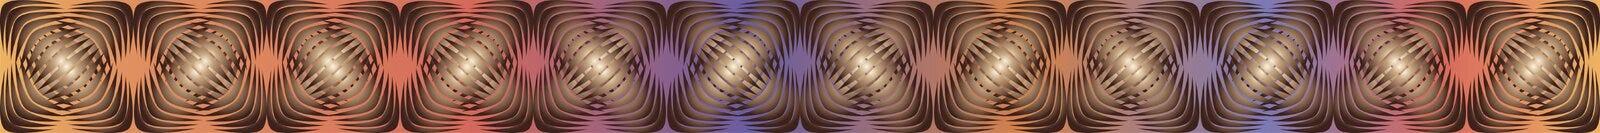 Geometrische patronen met gradiëntvulling 6 vector illustratie